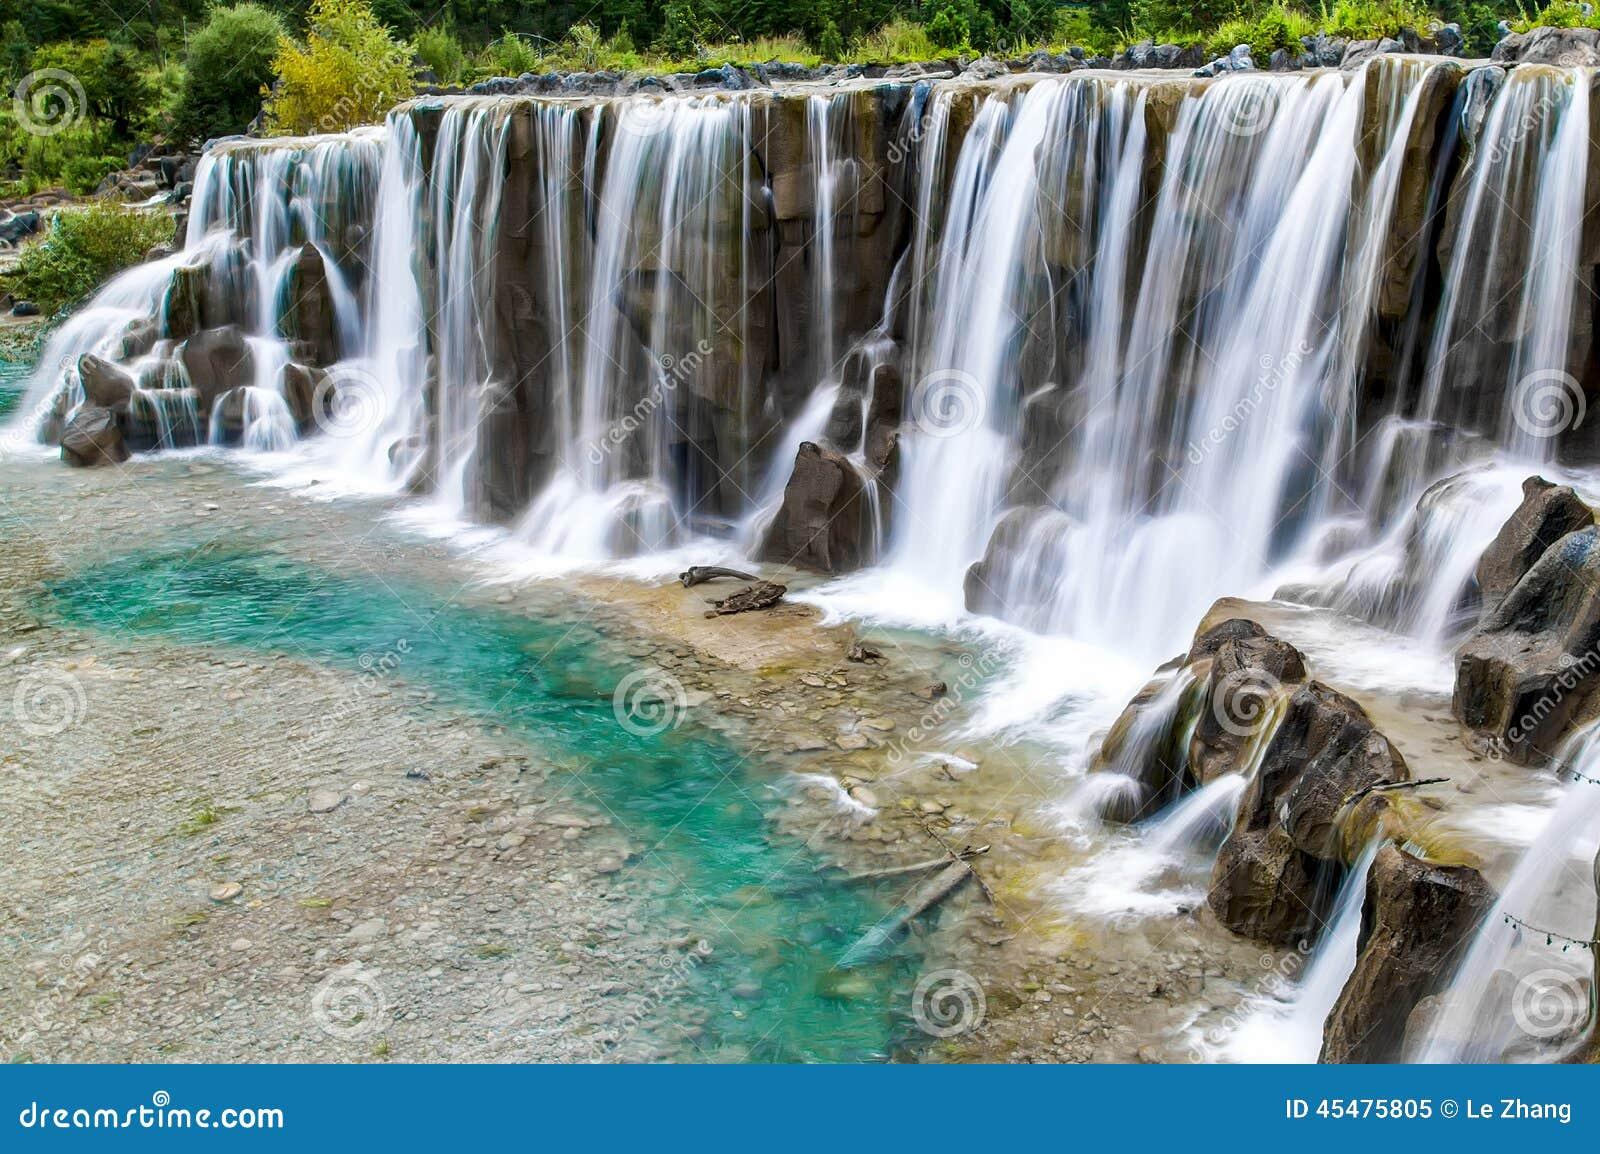 Spectacular Scenery Stock Photo - Image: 45475805 - photo#19